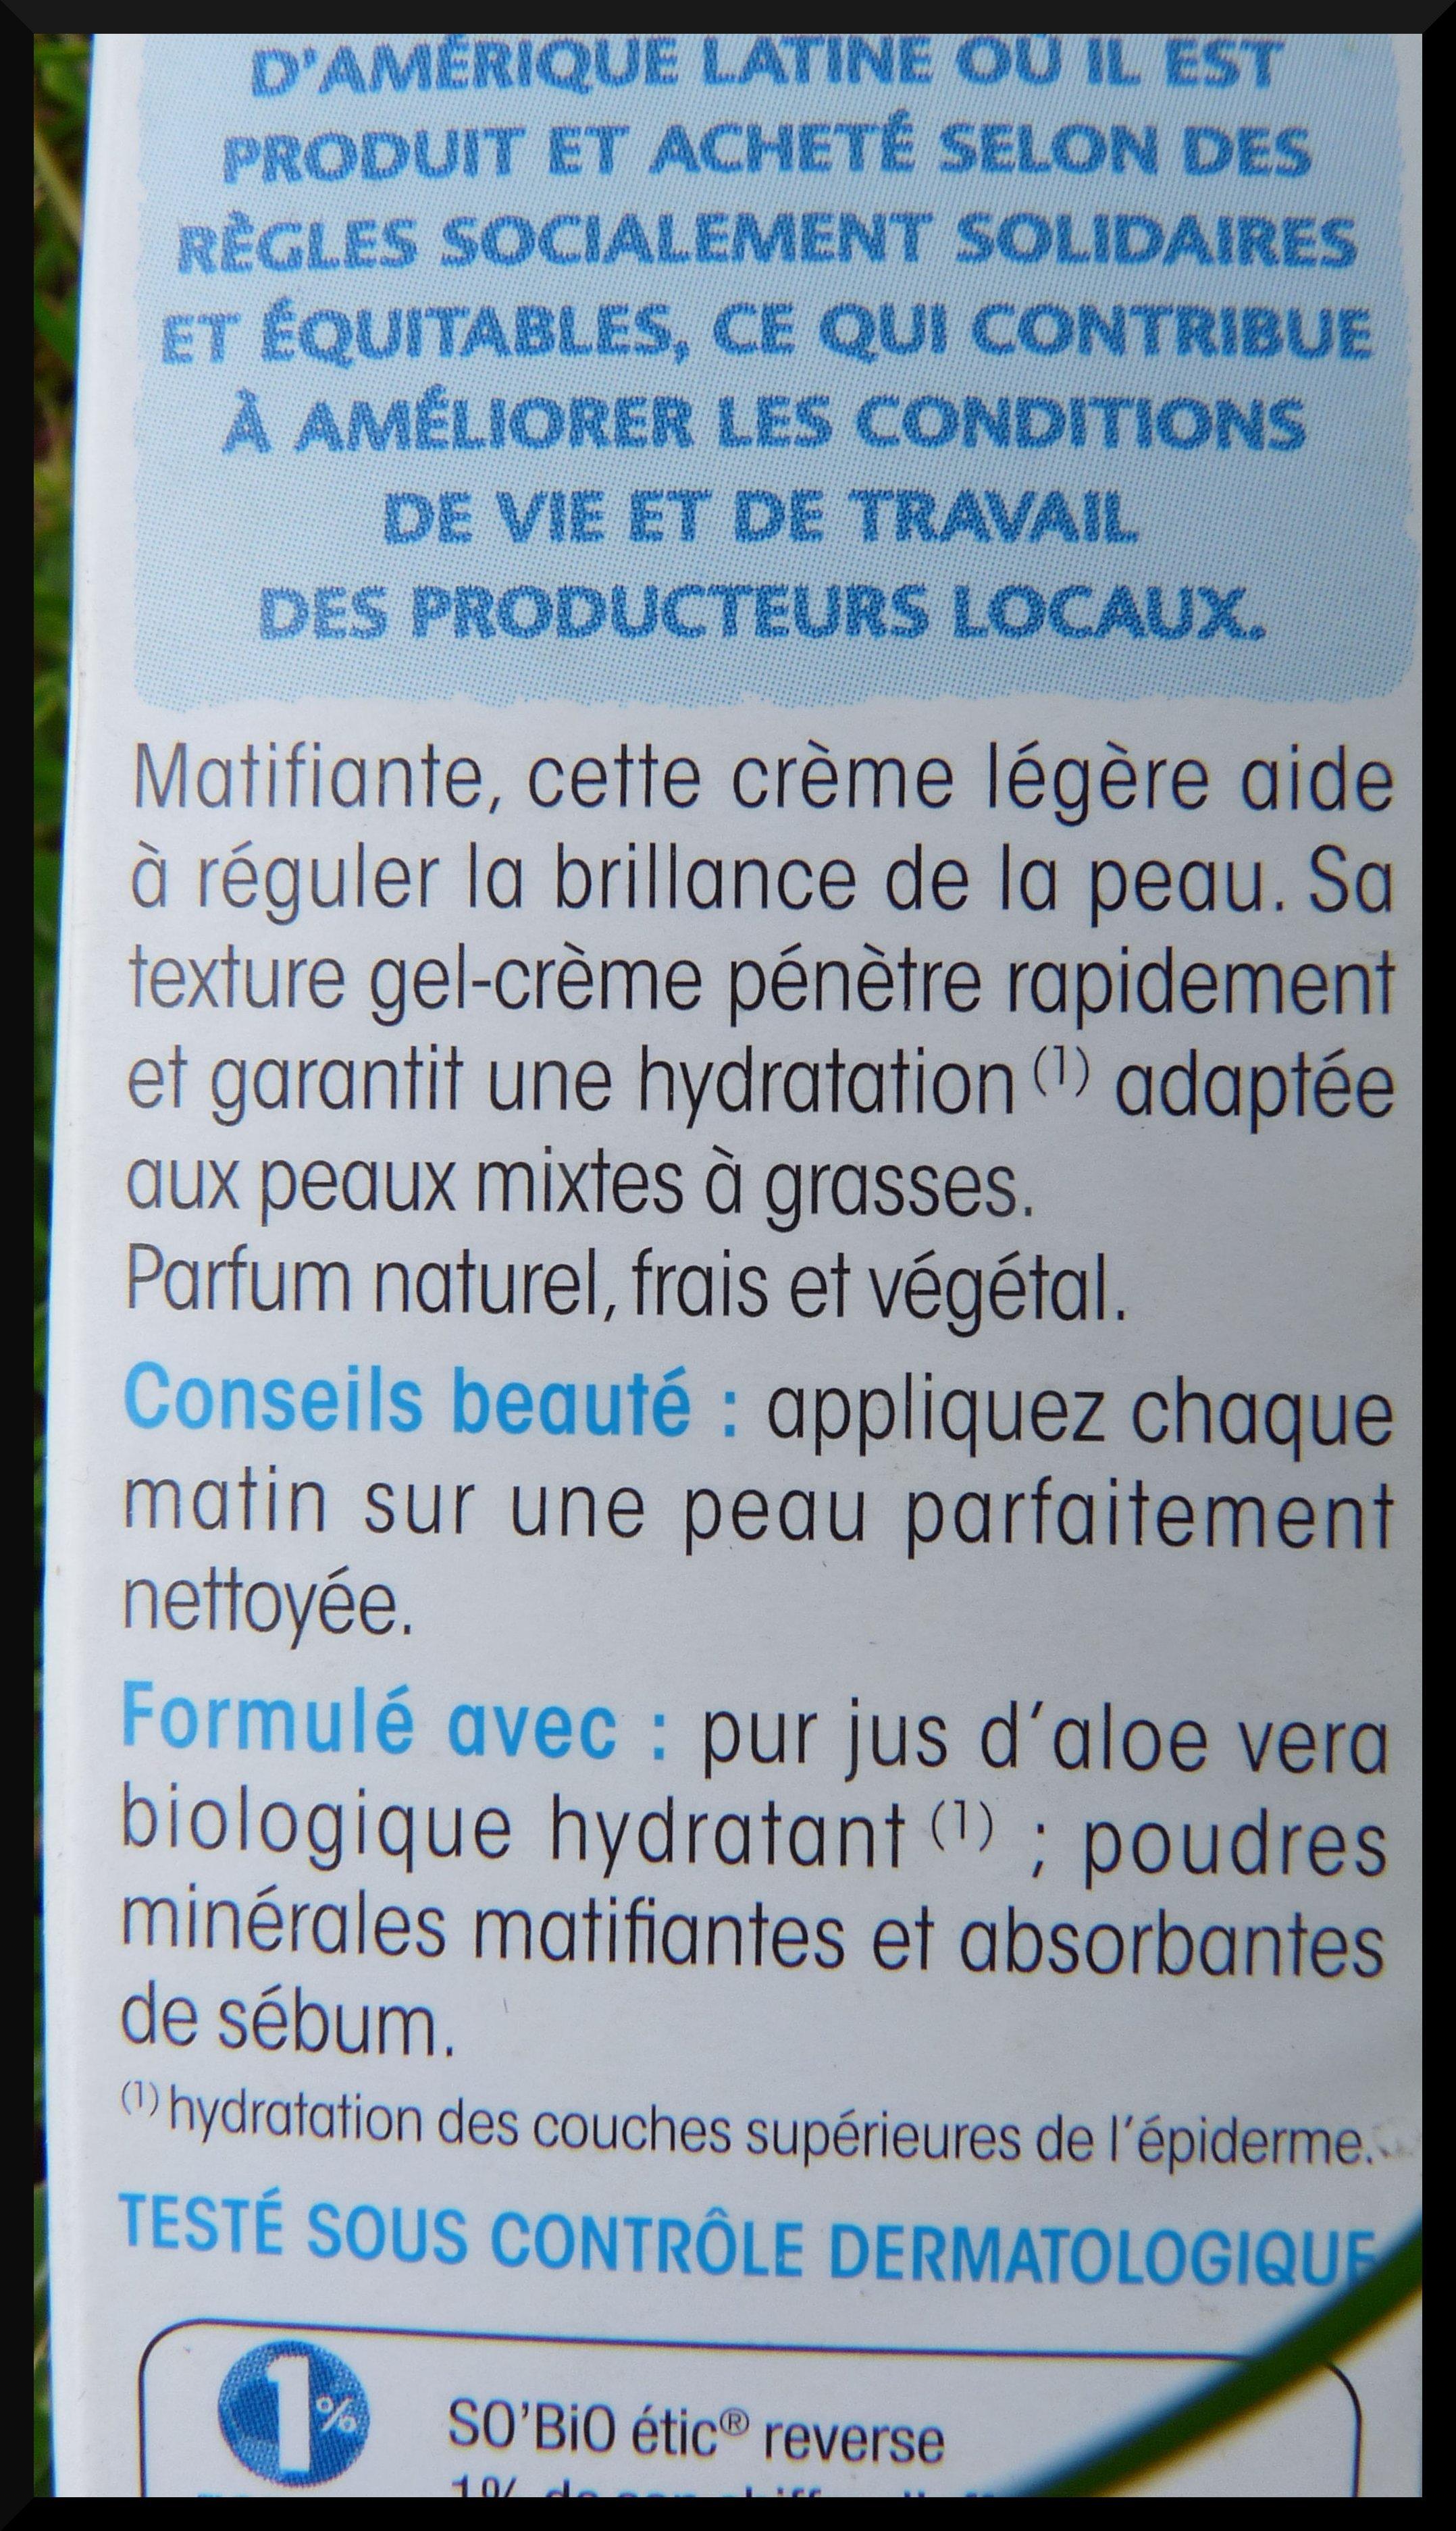 So'Bio Etic crème matifiante hydra aloe vera